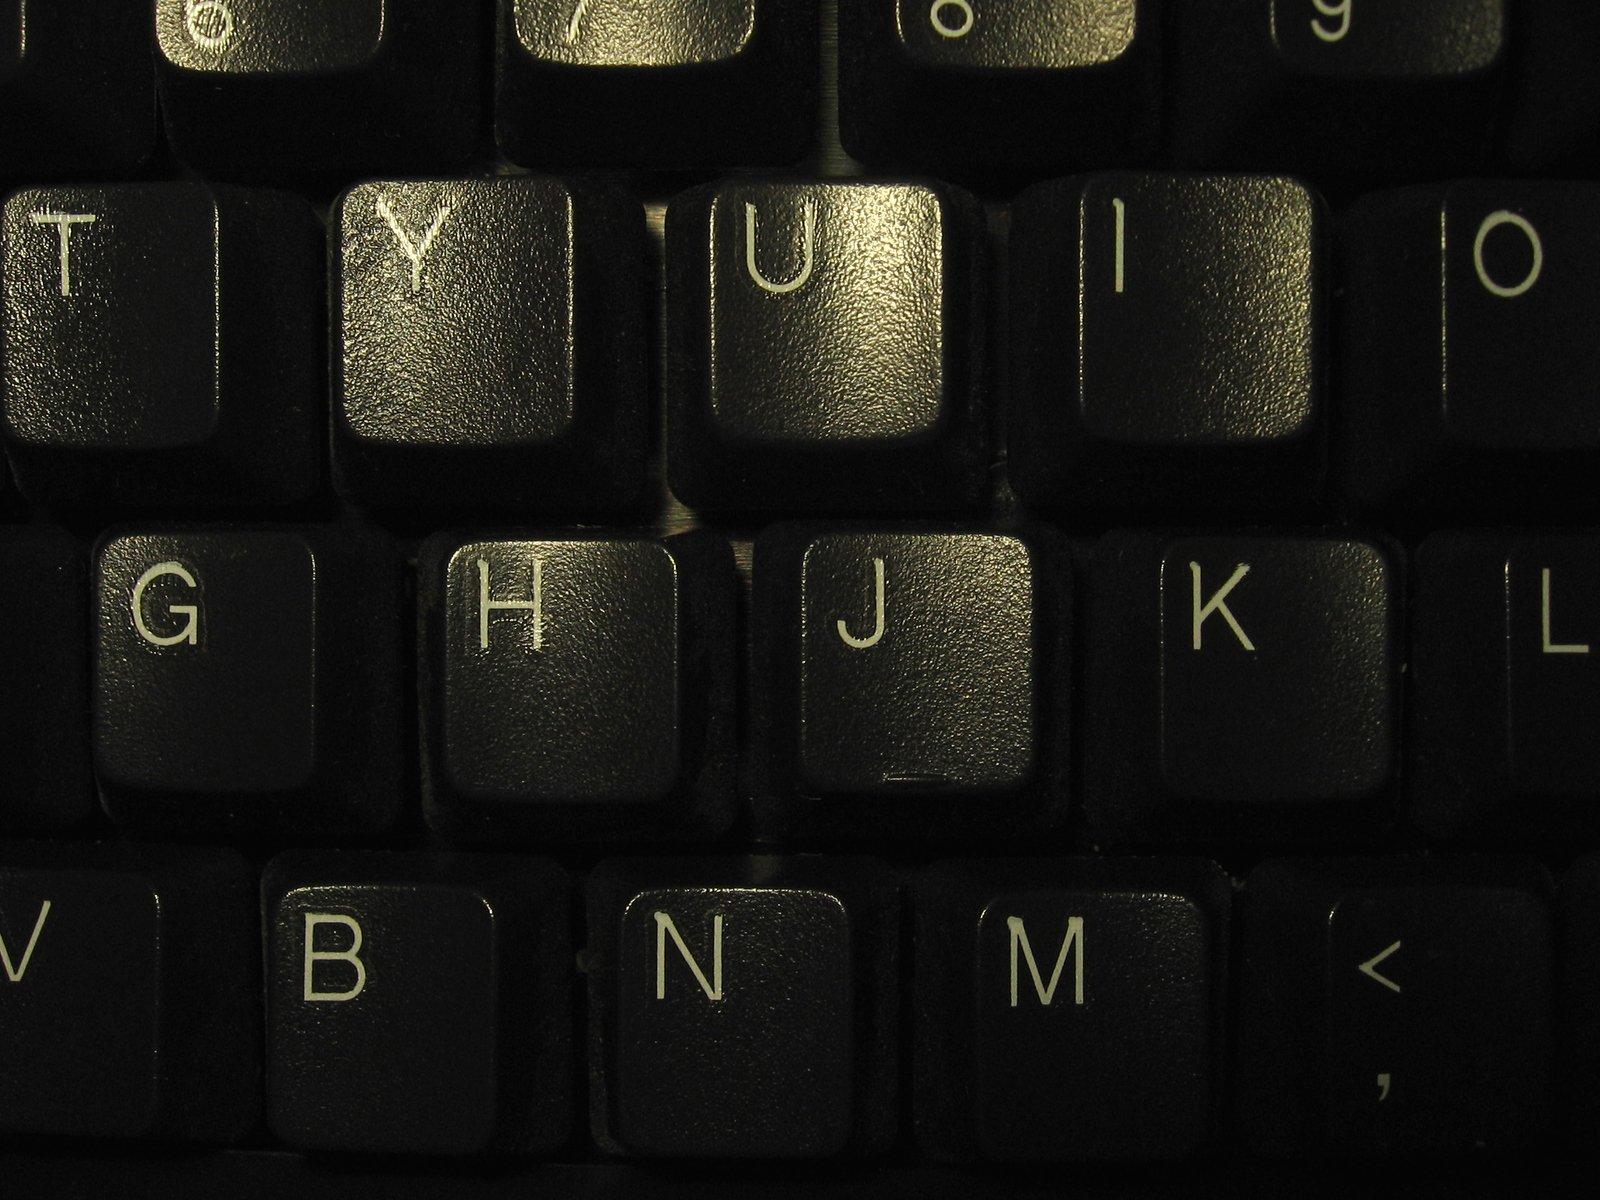 Keyboard,keyboard,letters,buttons